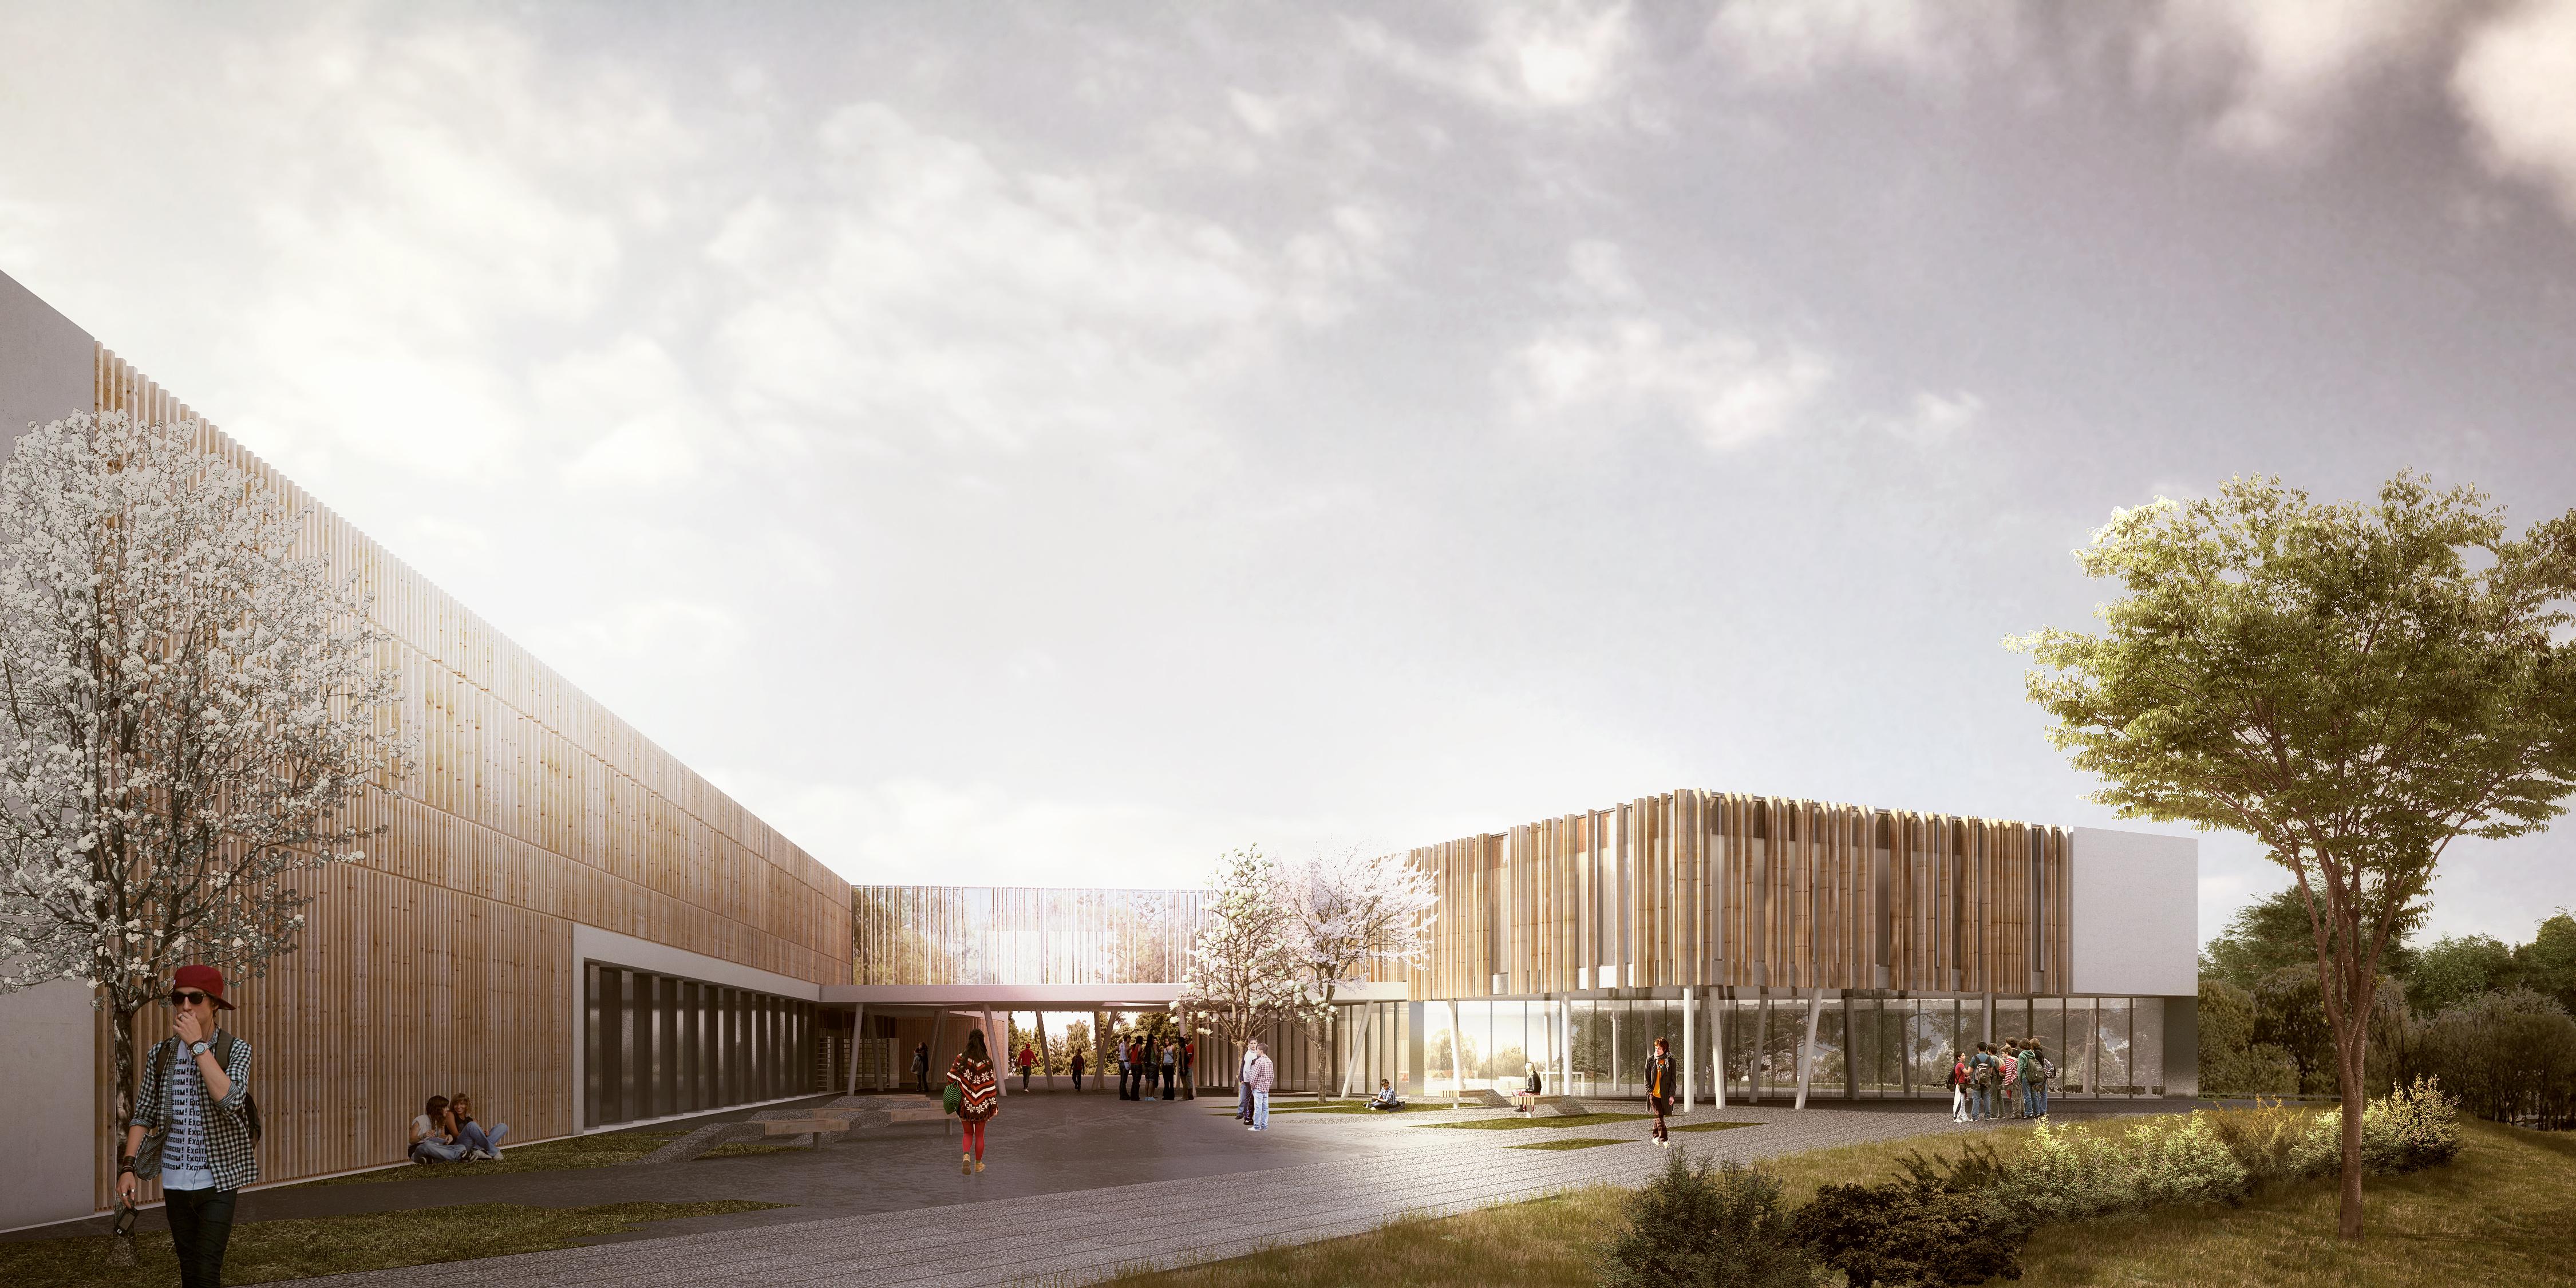 LEJEUNE ARCHITEC_VILLENEUVE_ COUR_V3